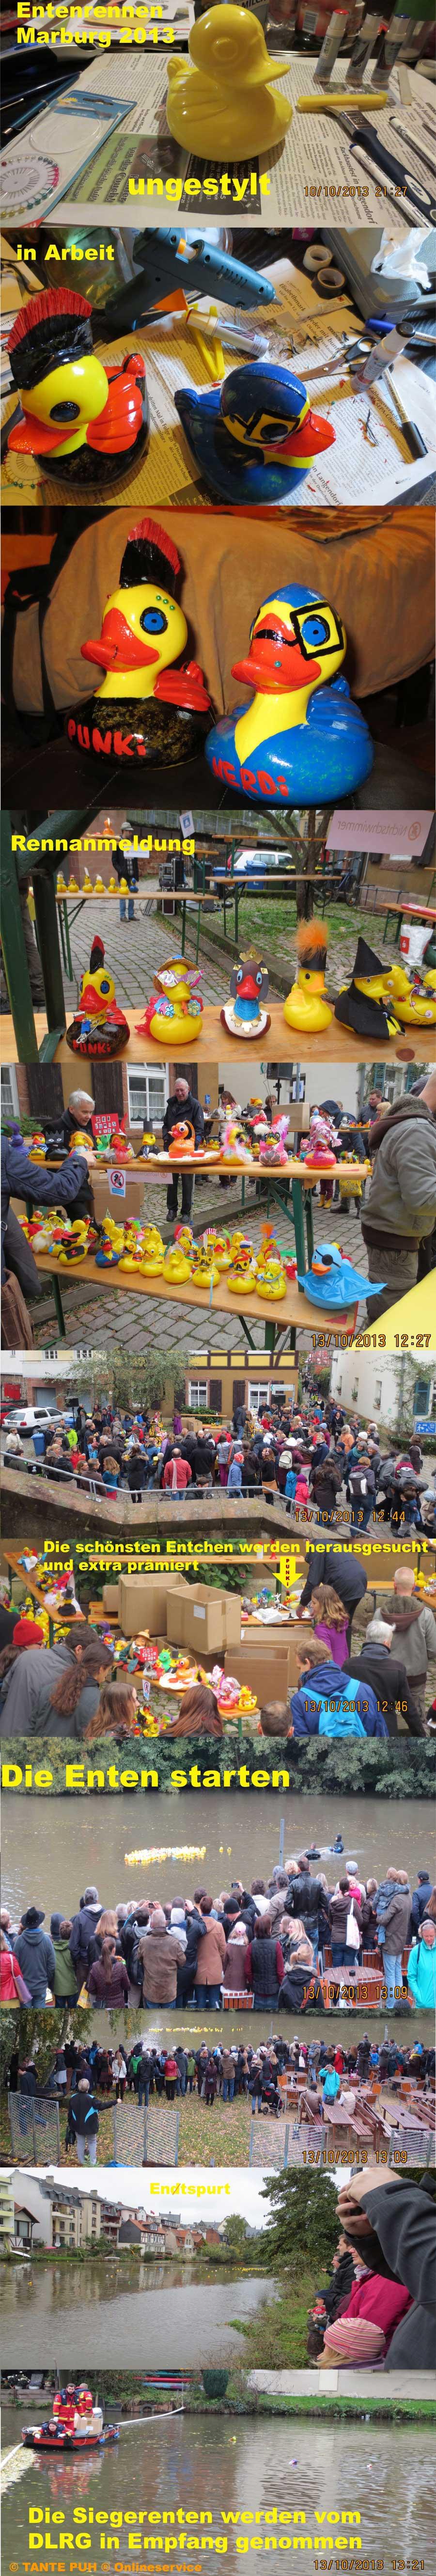 Entenrennen Weidenhausen Marburg Lahn Hessen